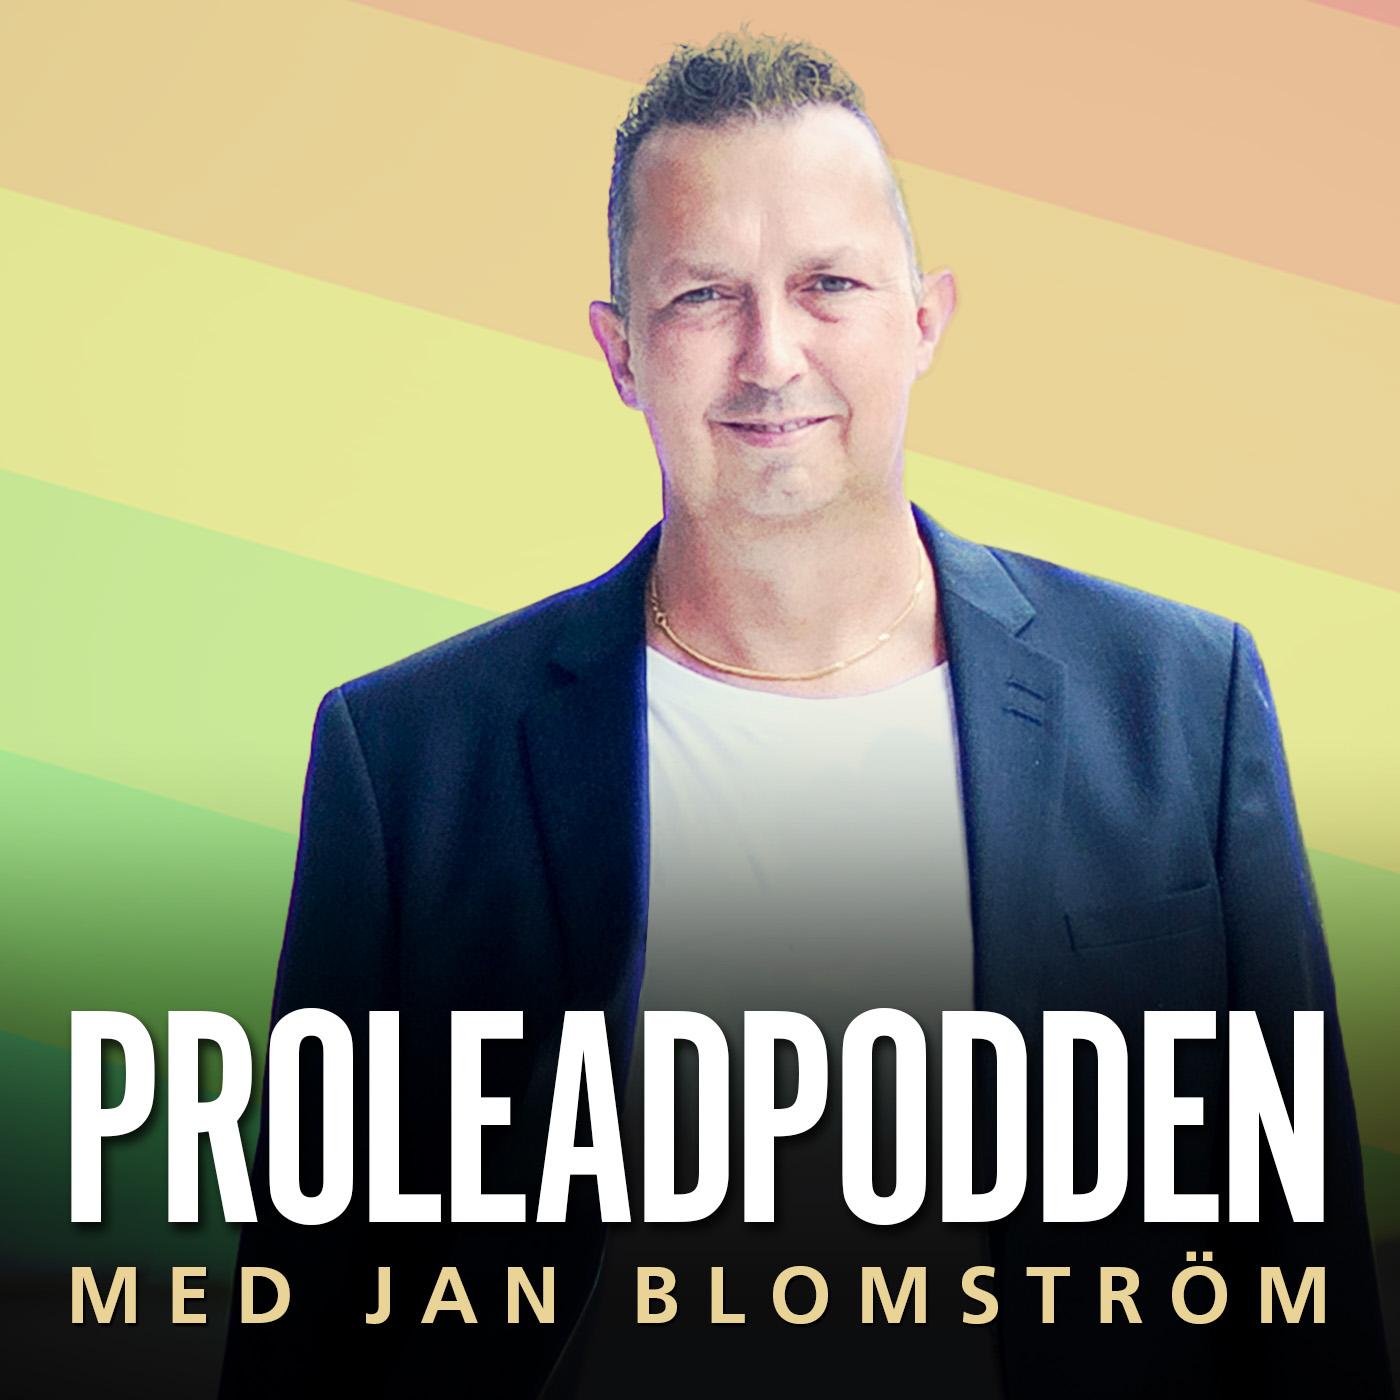 Proleadpodden